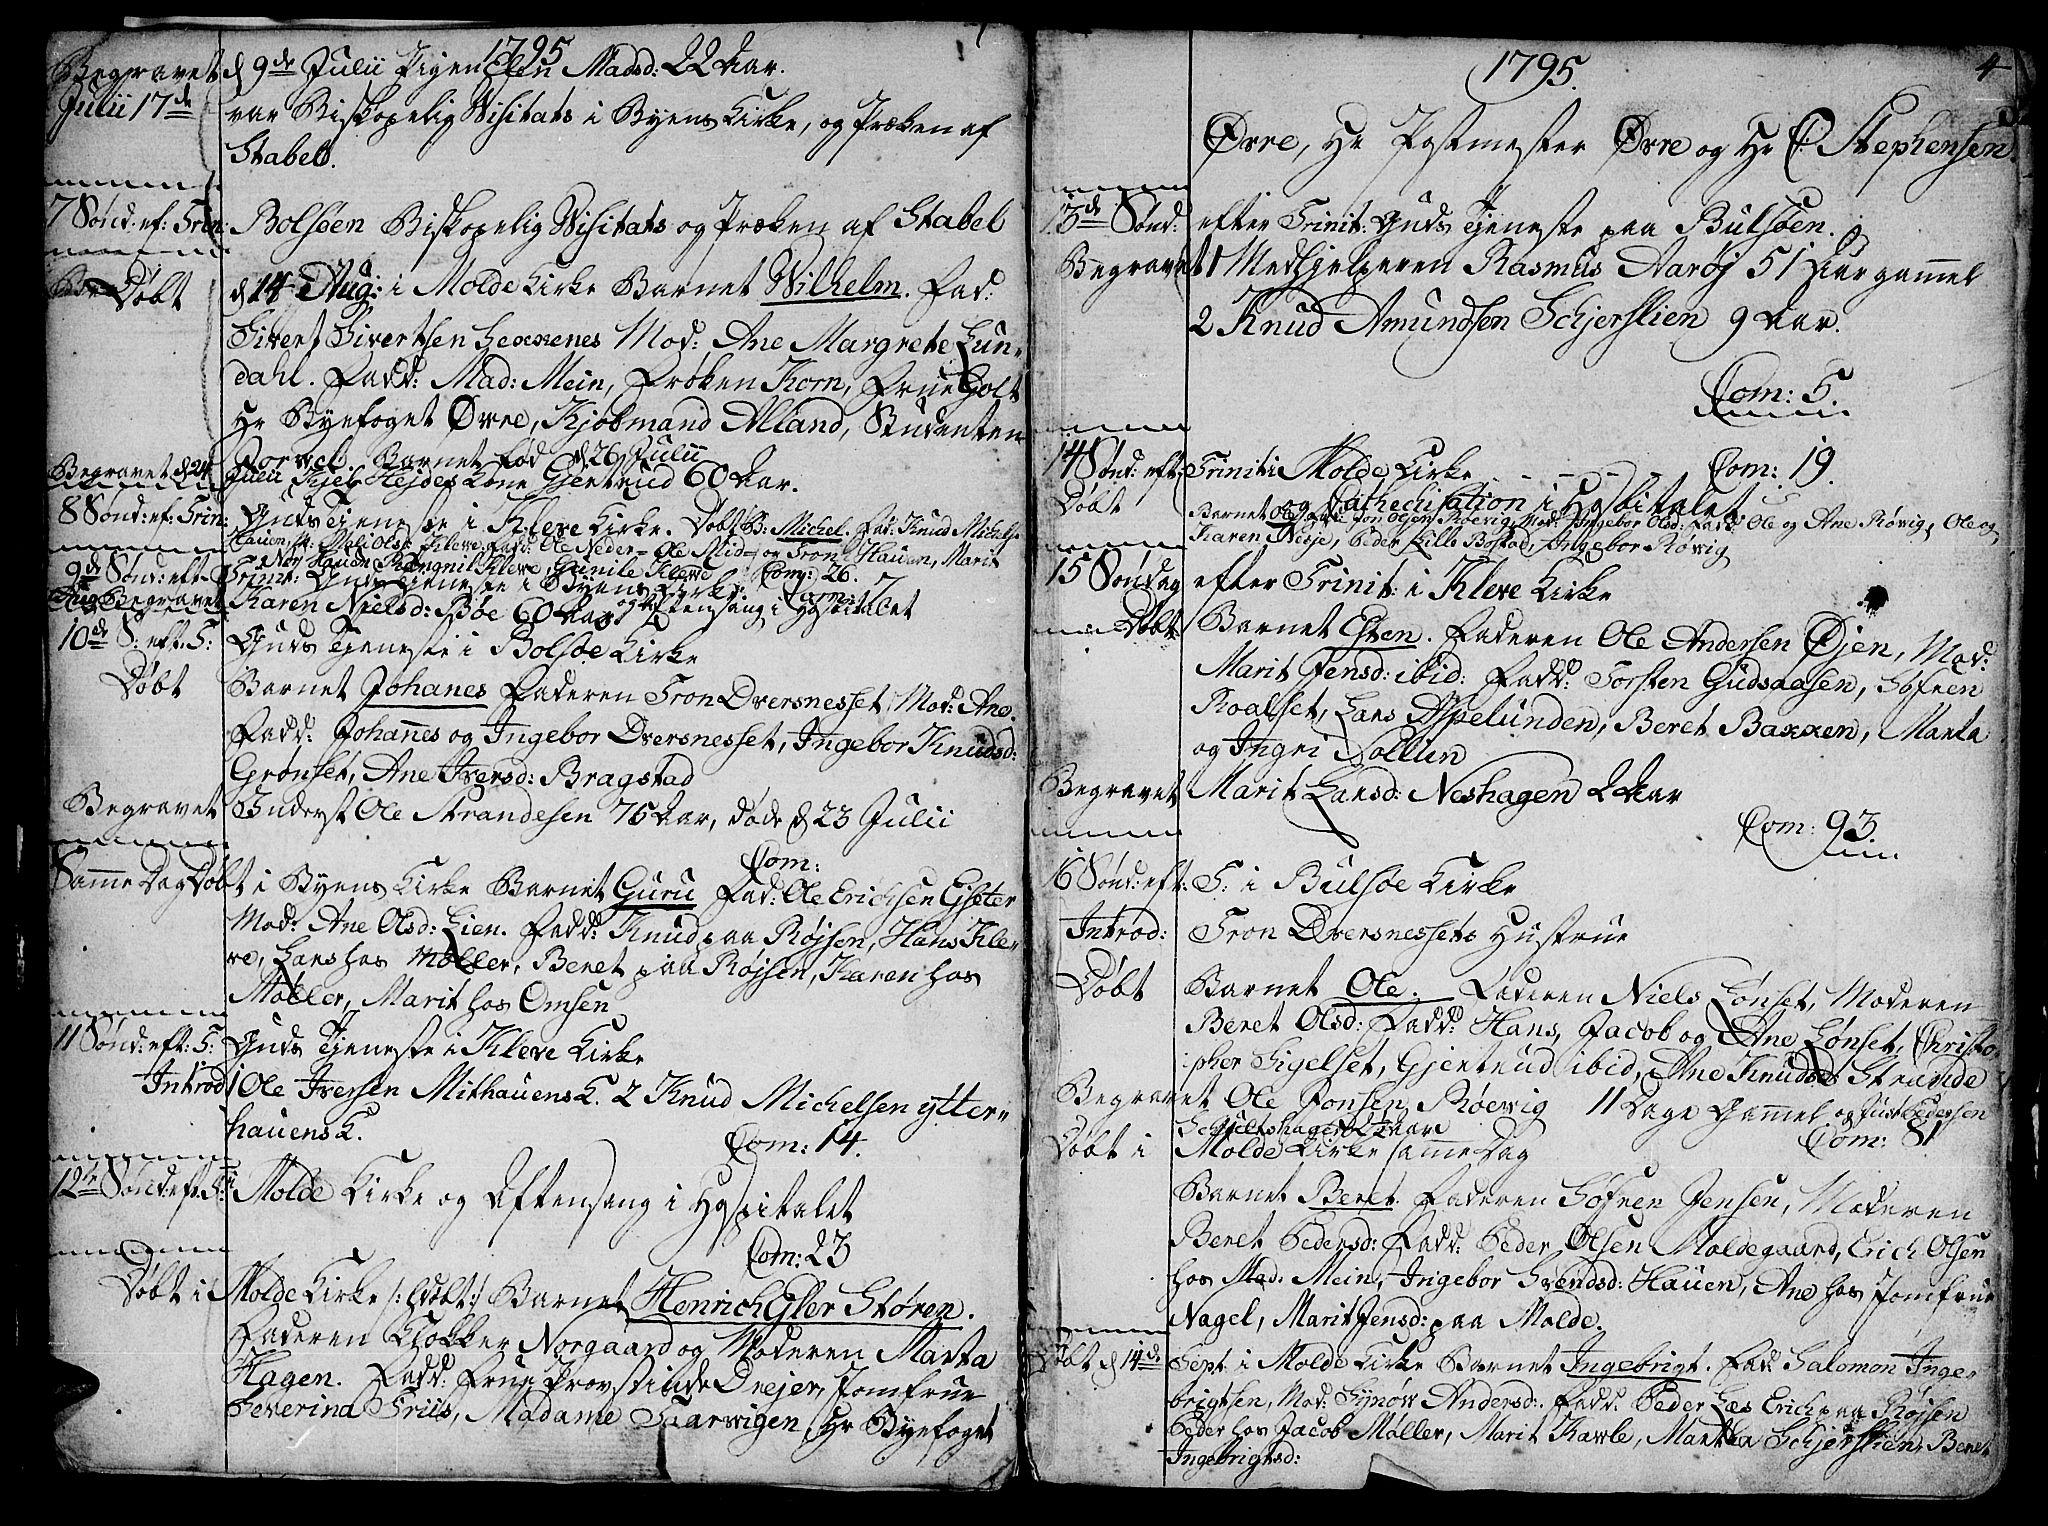 SAT, Ministerialprotokoller, klokkerbøker og fødselsregistre - Møre og Romsdal, 555/L0649: Ministerialbok nr. 555A02 /1, 1795-1821, s. 4